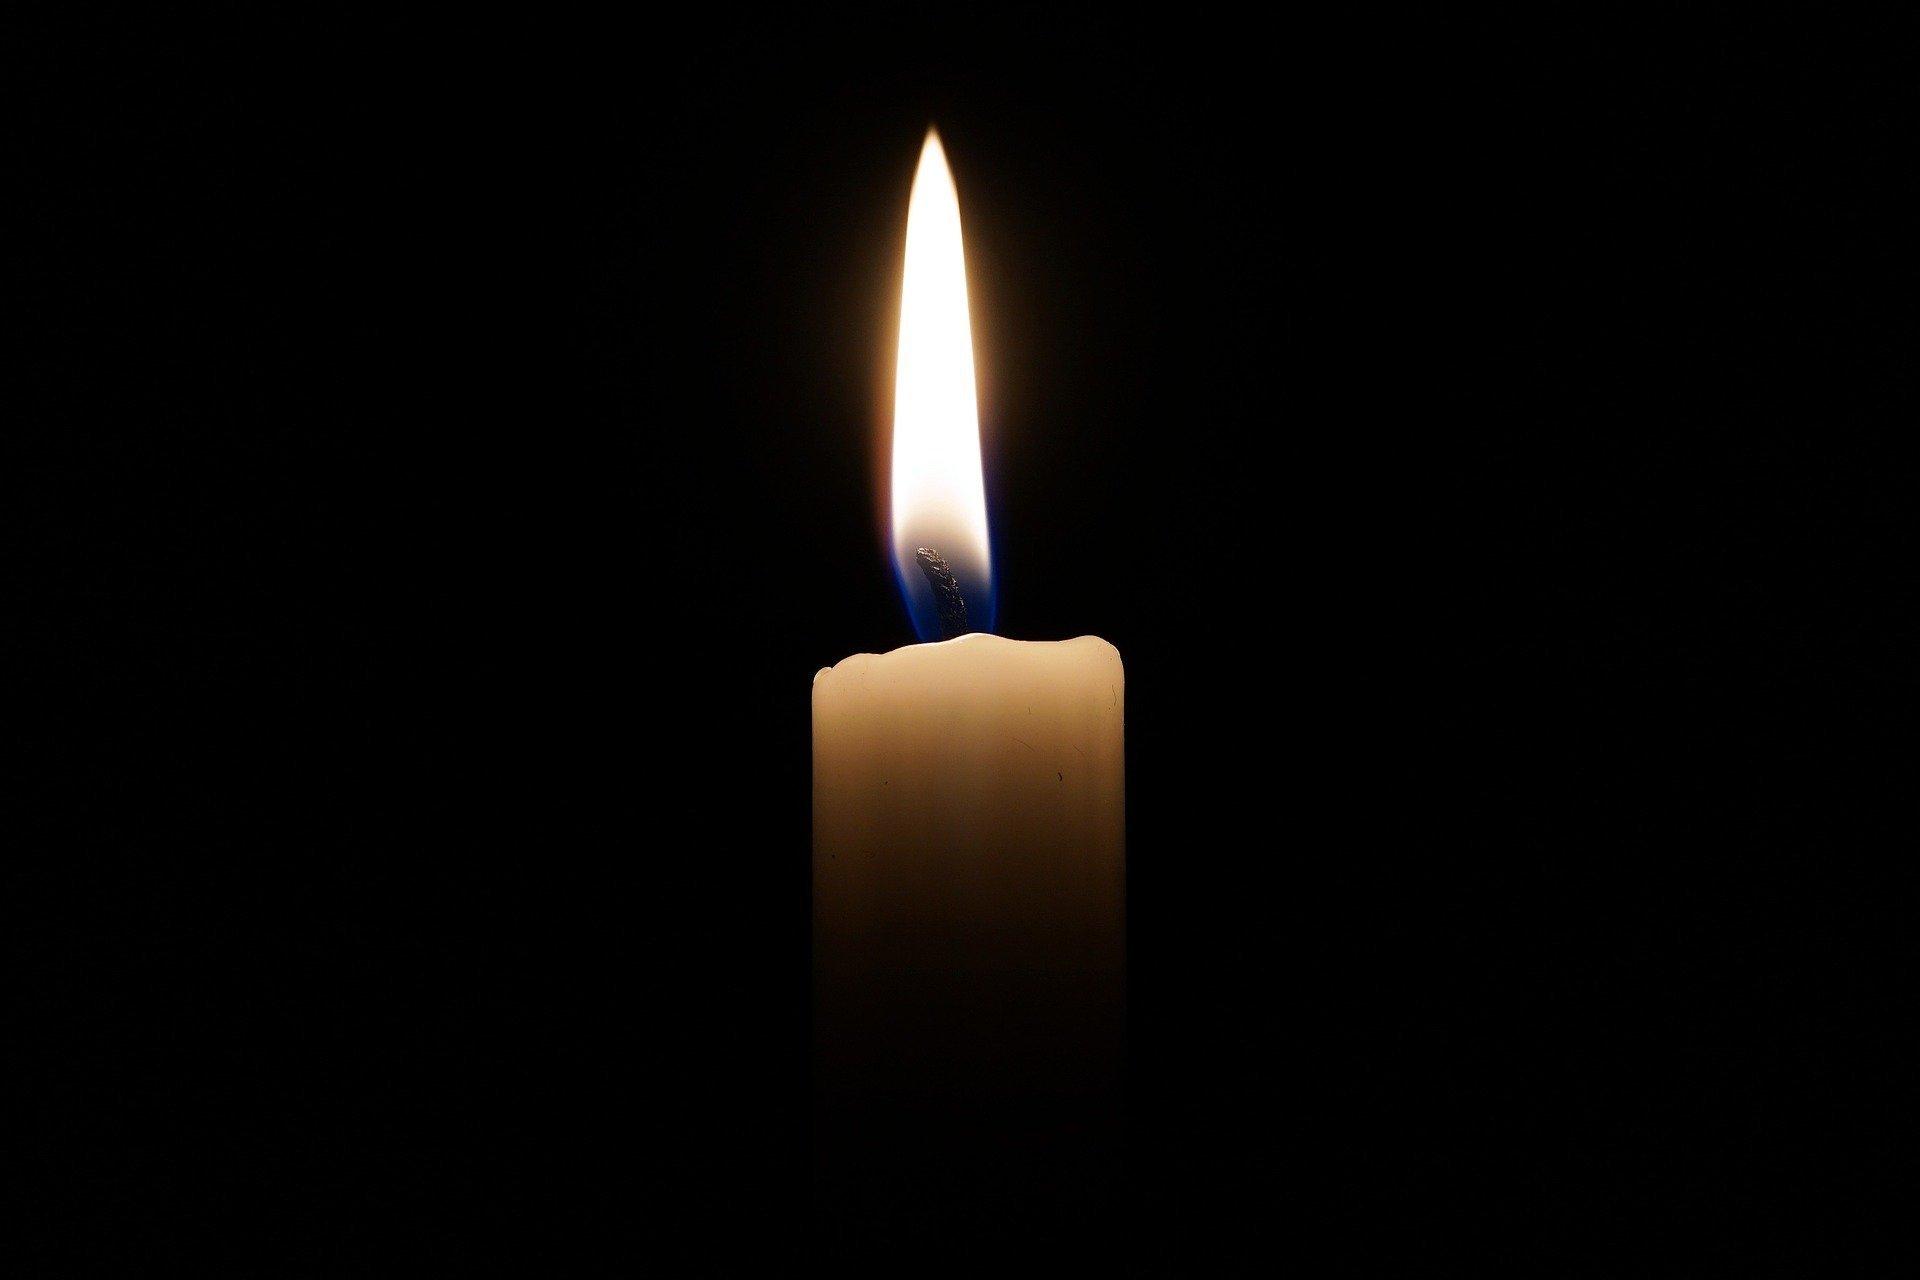 płonąca świeczka na czarnym tle